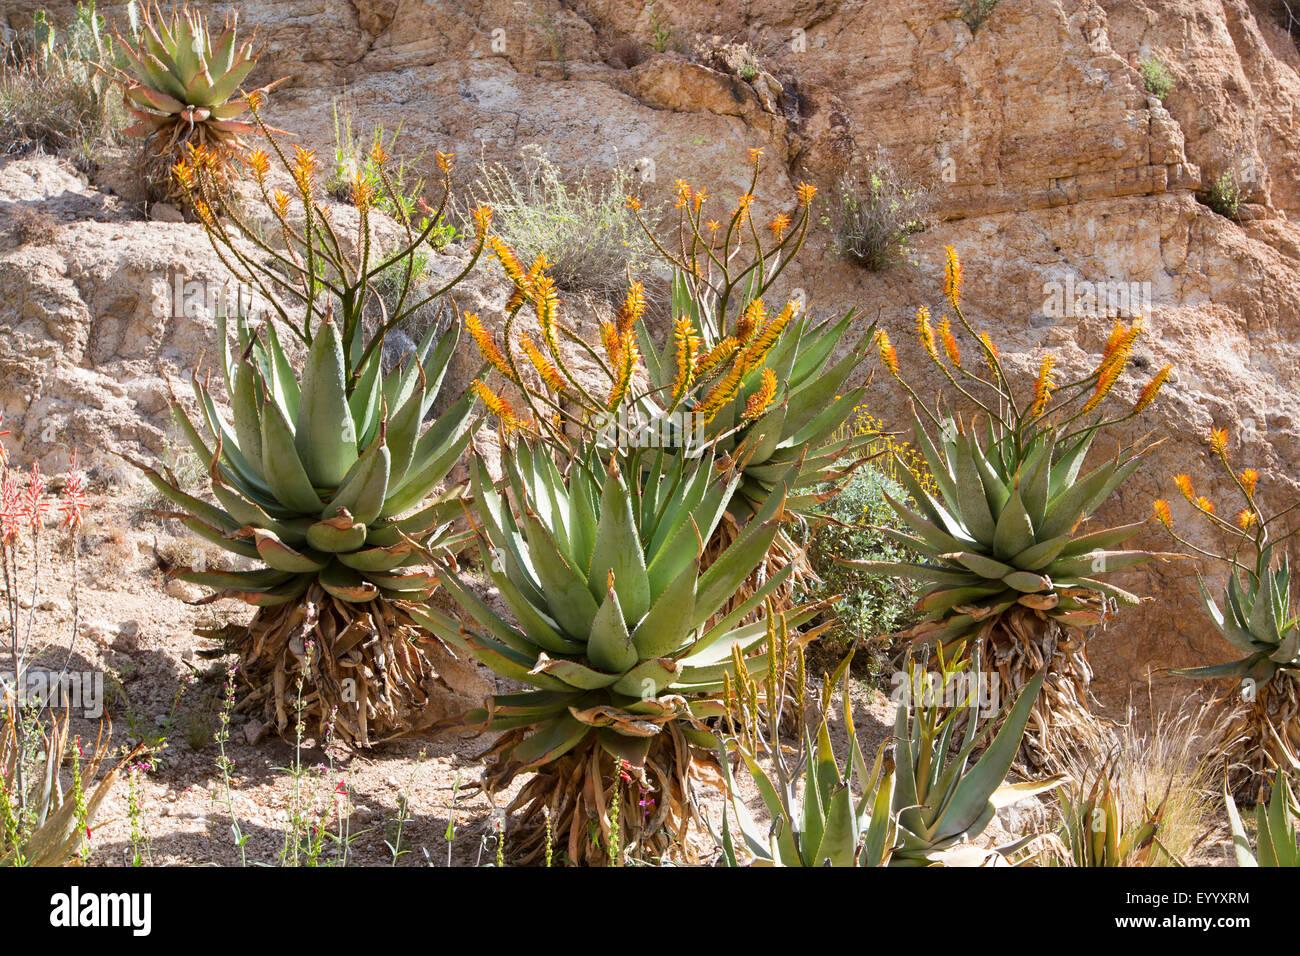 Mountain Aloe, Aloe, flowerd plana grande Aloe (Aloe marlothii espinosas), grupo de floración en una pared Imagen De Stock